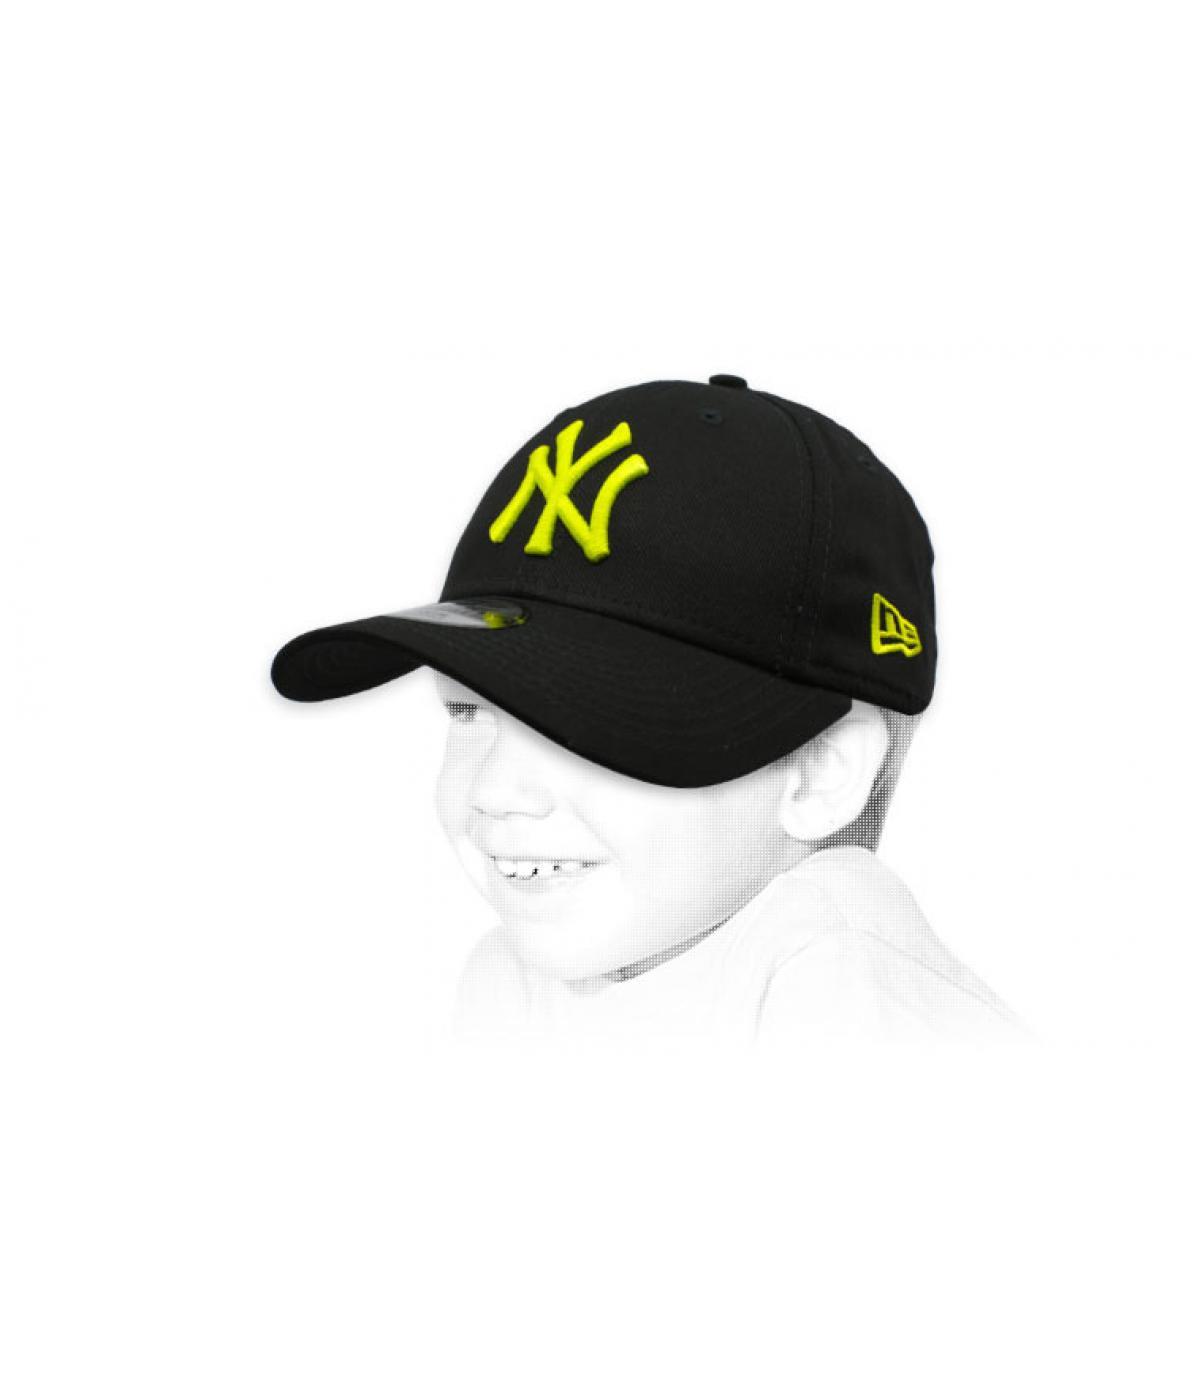 black yellow NY child cap